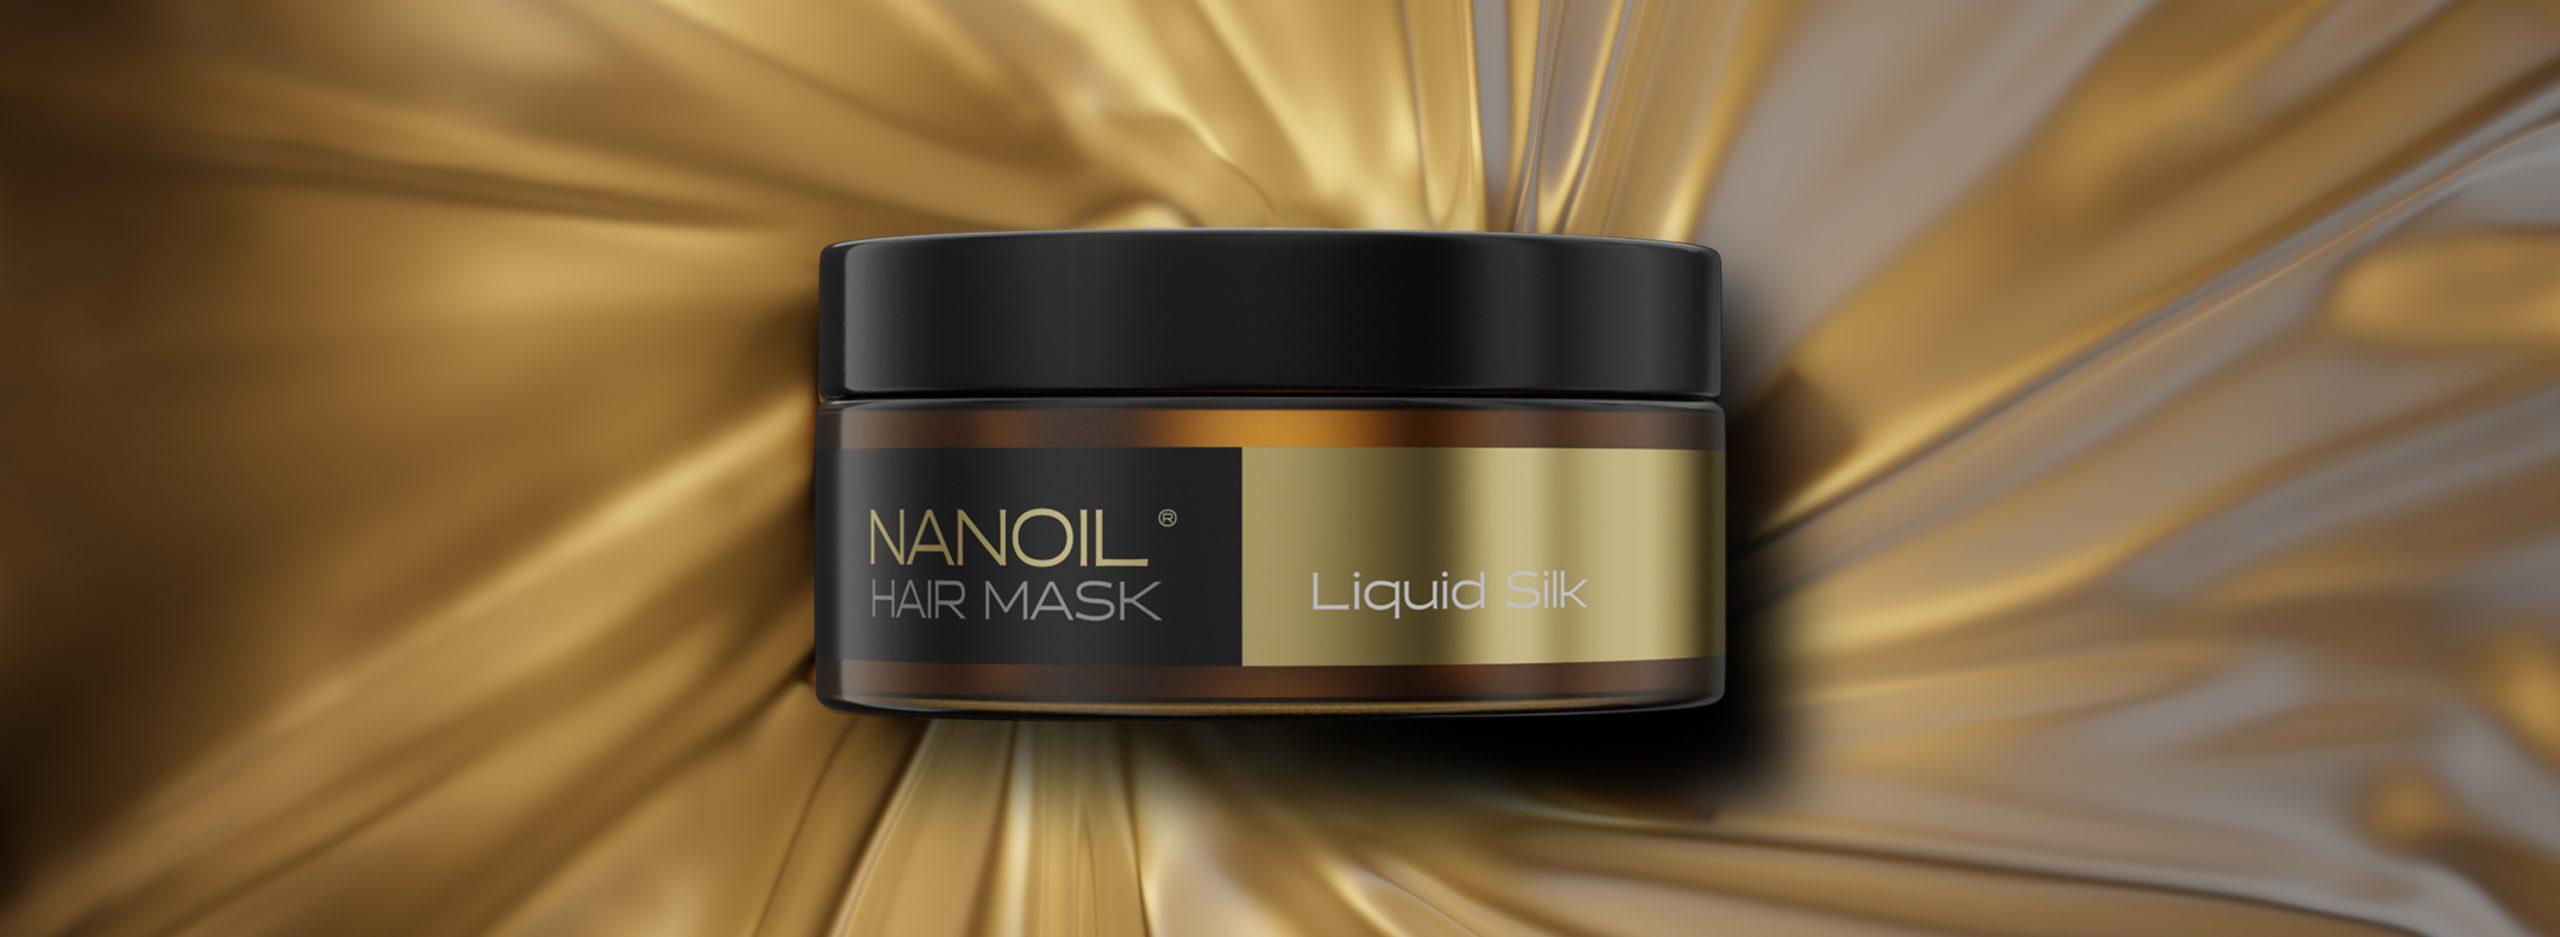 Nanoil Liquid Silk Hair Mask: без повече проблеми, свързани с косата